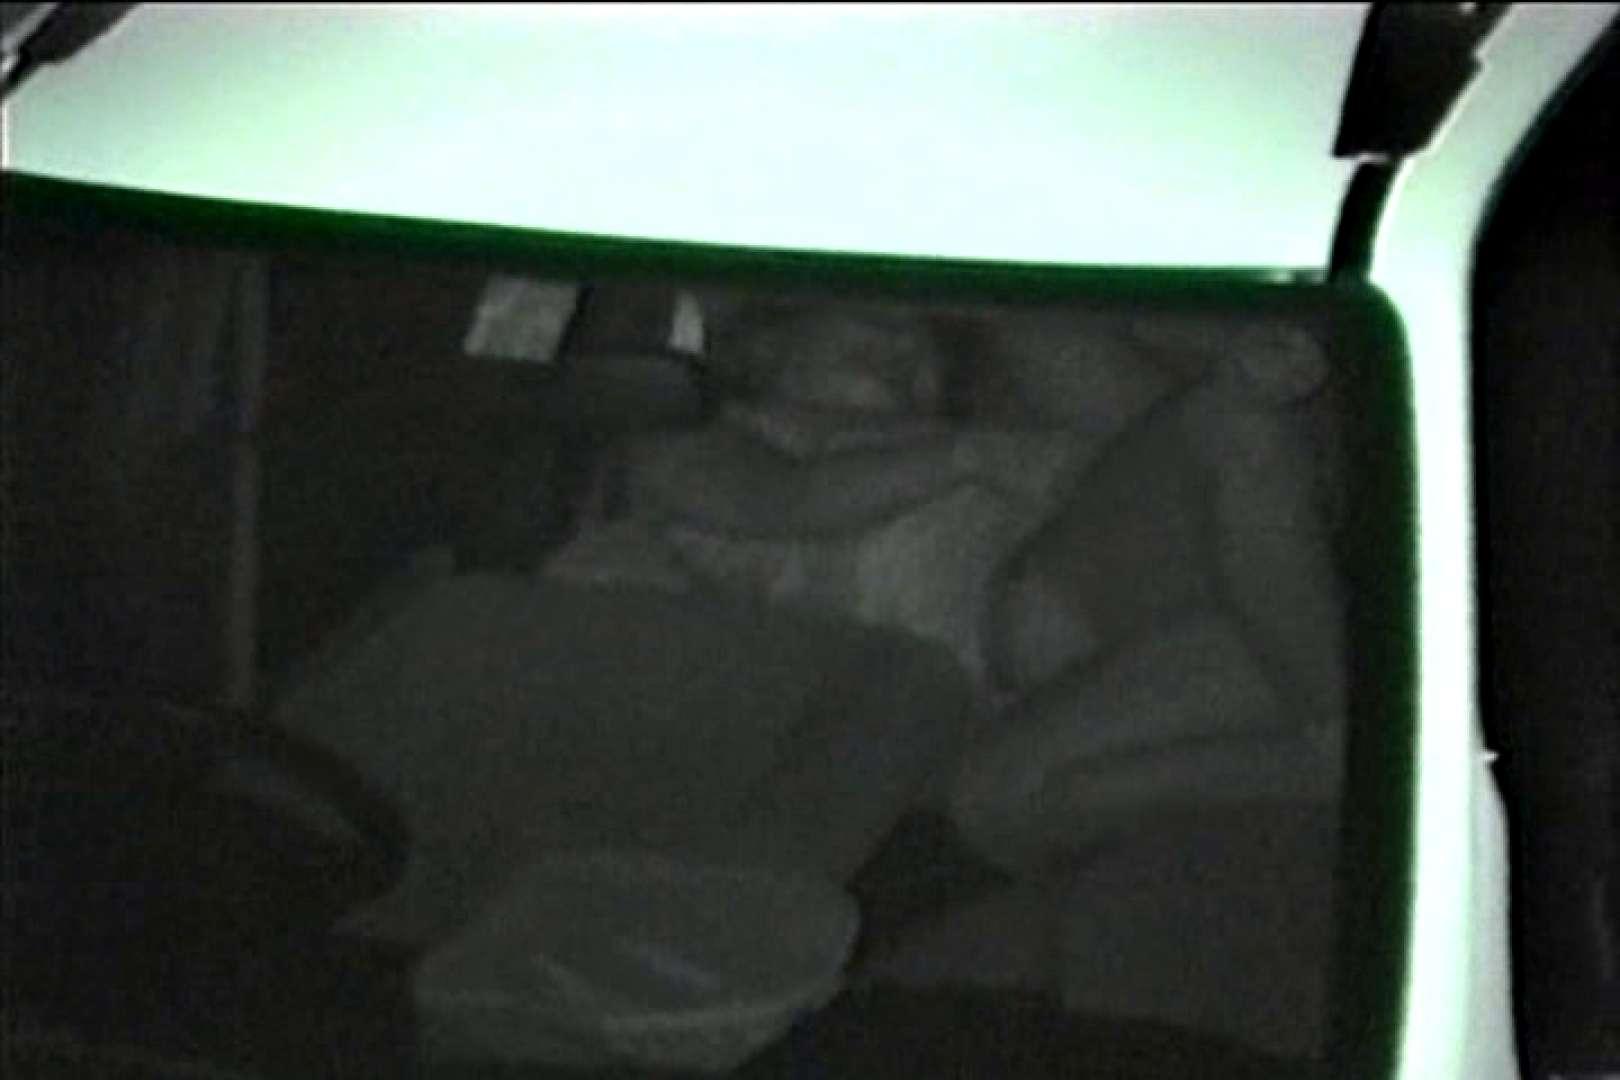 車の中はラブホテル 無修正版  Vol.7 ホテル 盗撮アダルト動画キャプチャ 81画像 46